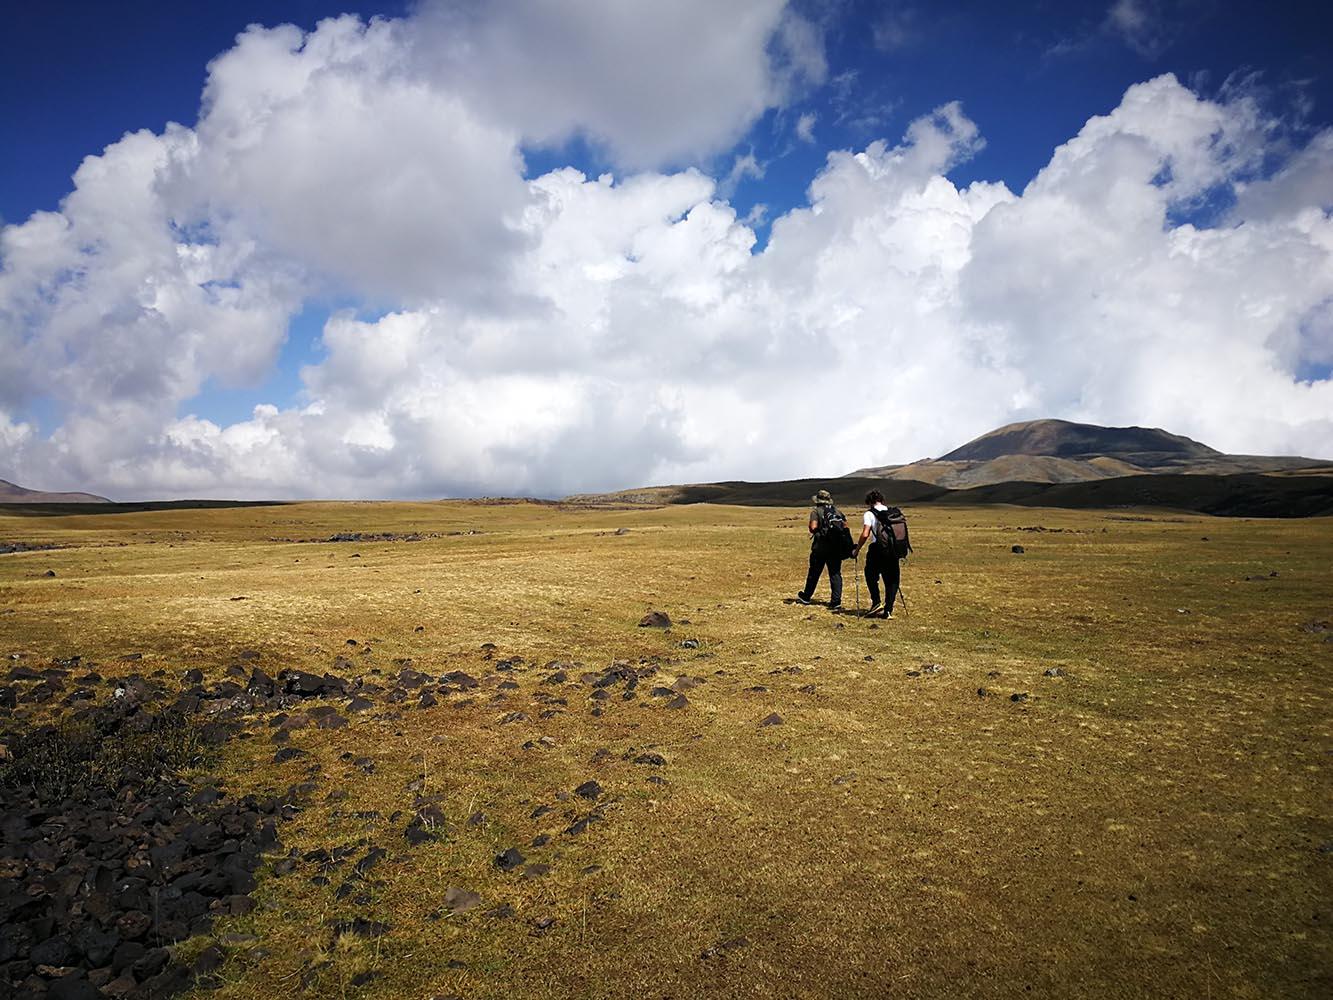 escursioni in armenia